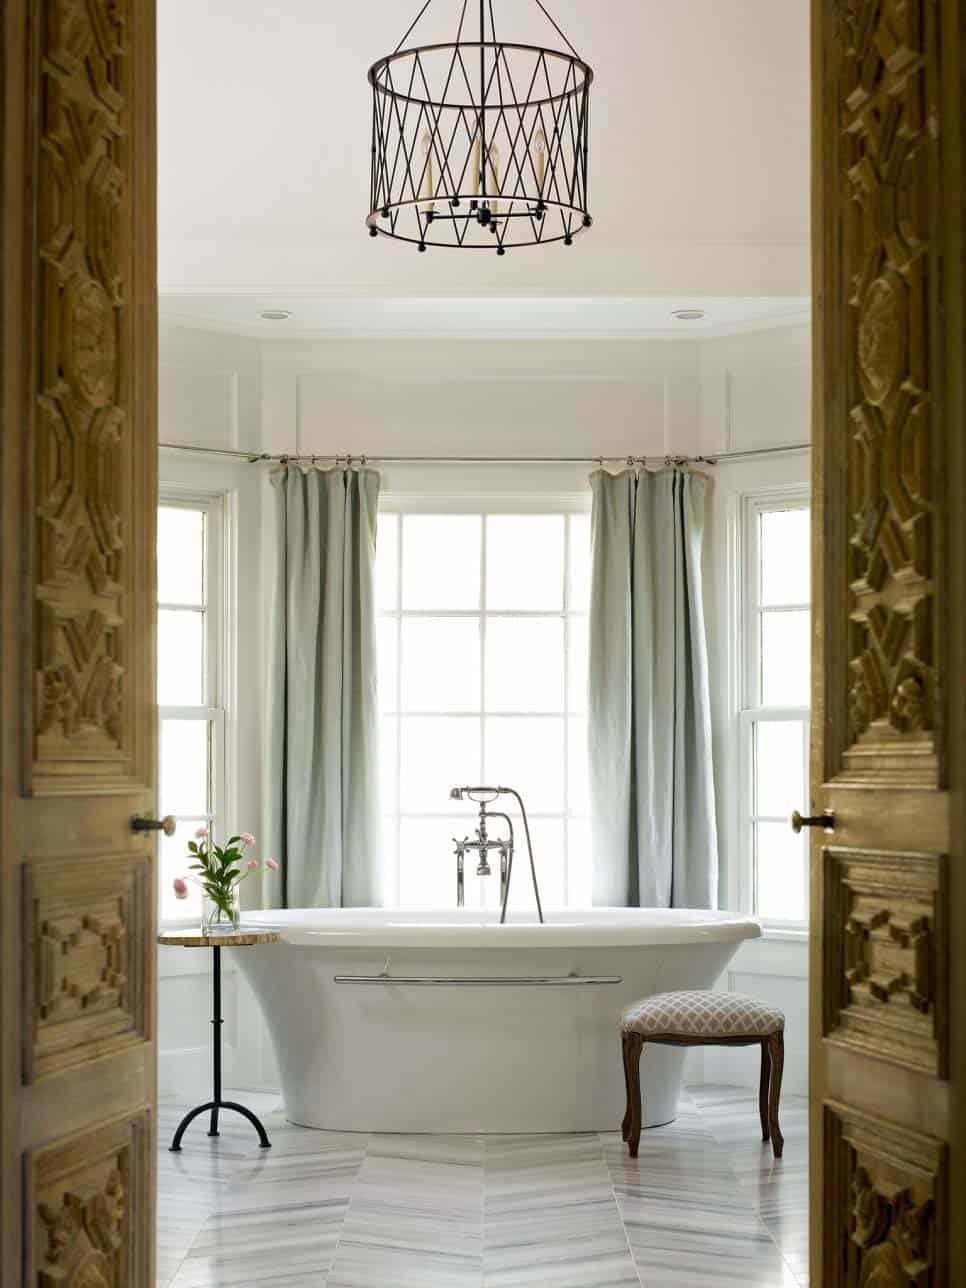 Freestanding-Tubs-Bathroom-Ideas-18-1 Kindesign